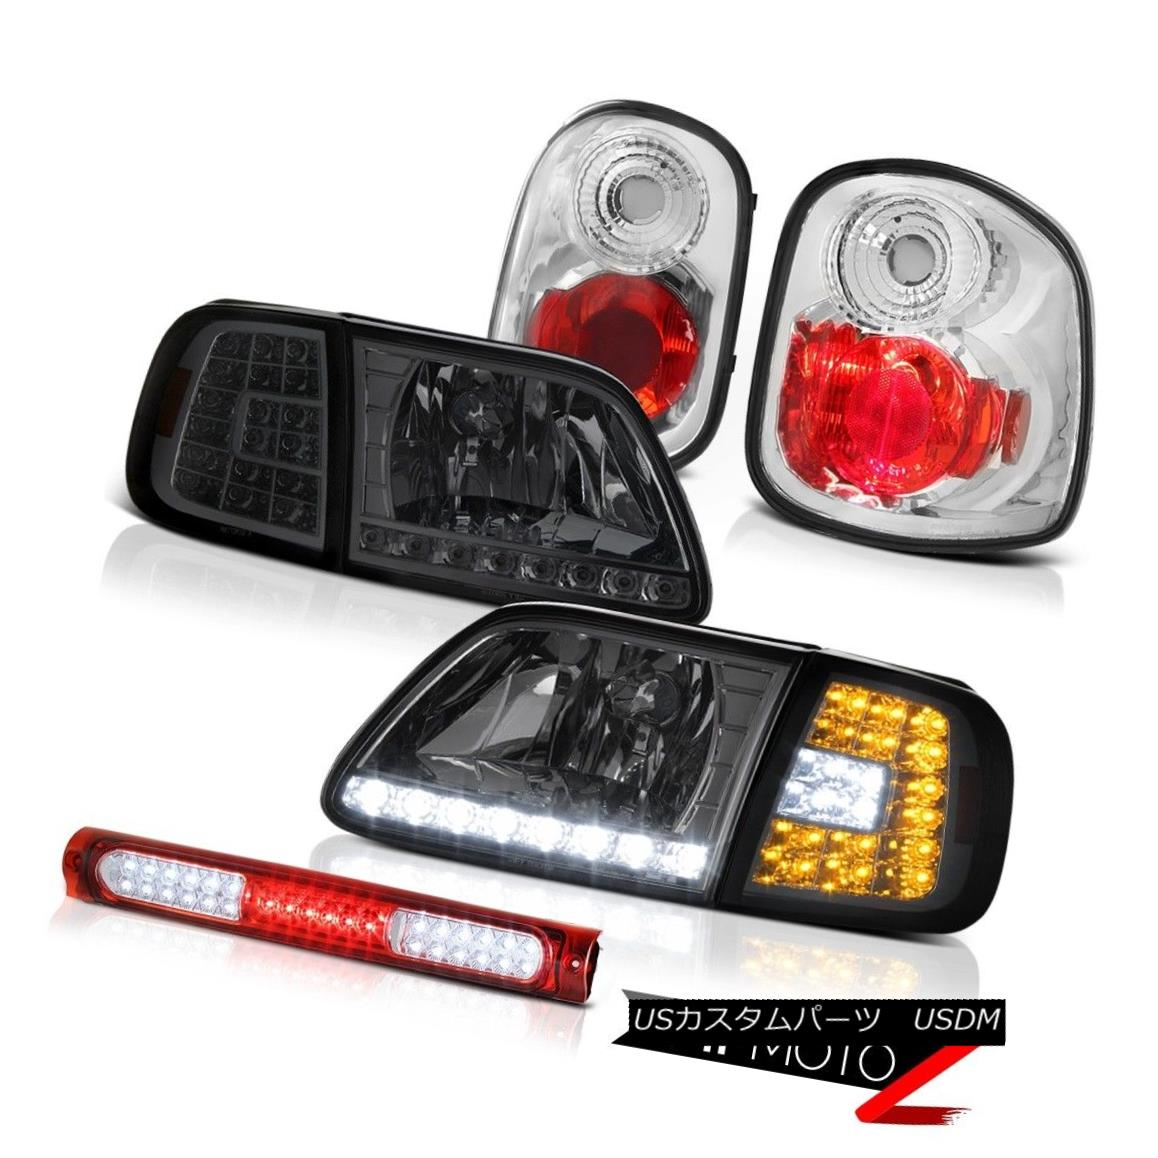 ヘッドライト LED Smoke Bumper+Headlamps Tail Lamps 3rd Brake 1997-2000 F150 Flareside 4.2L LEDスモークバンパー+ヘッドラム psテールランプ第3ブレーキ1997-2000 F150フラレージド4.2L